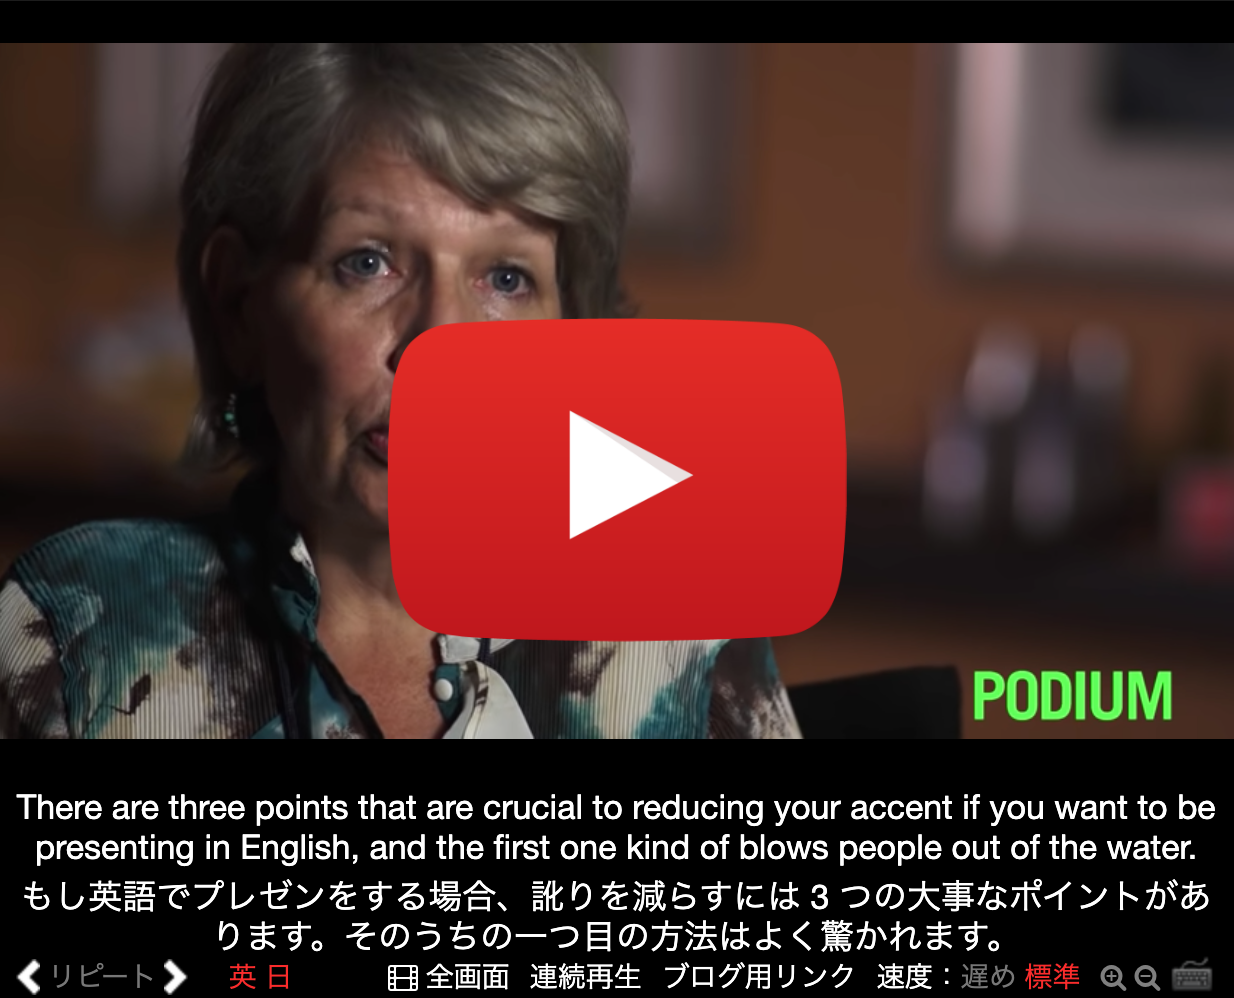 【2020年最も見られた動画は?】アメリカ人のように英語で話したい?【第 2 位】